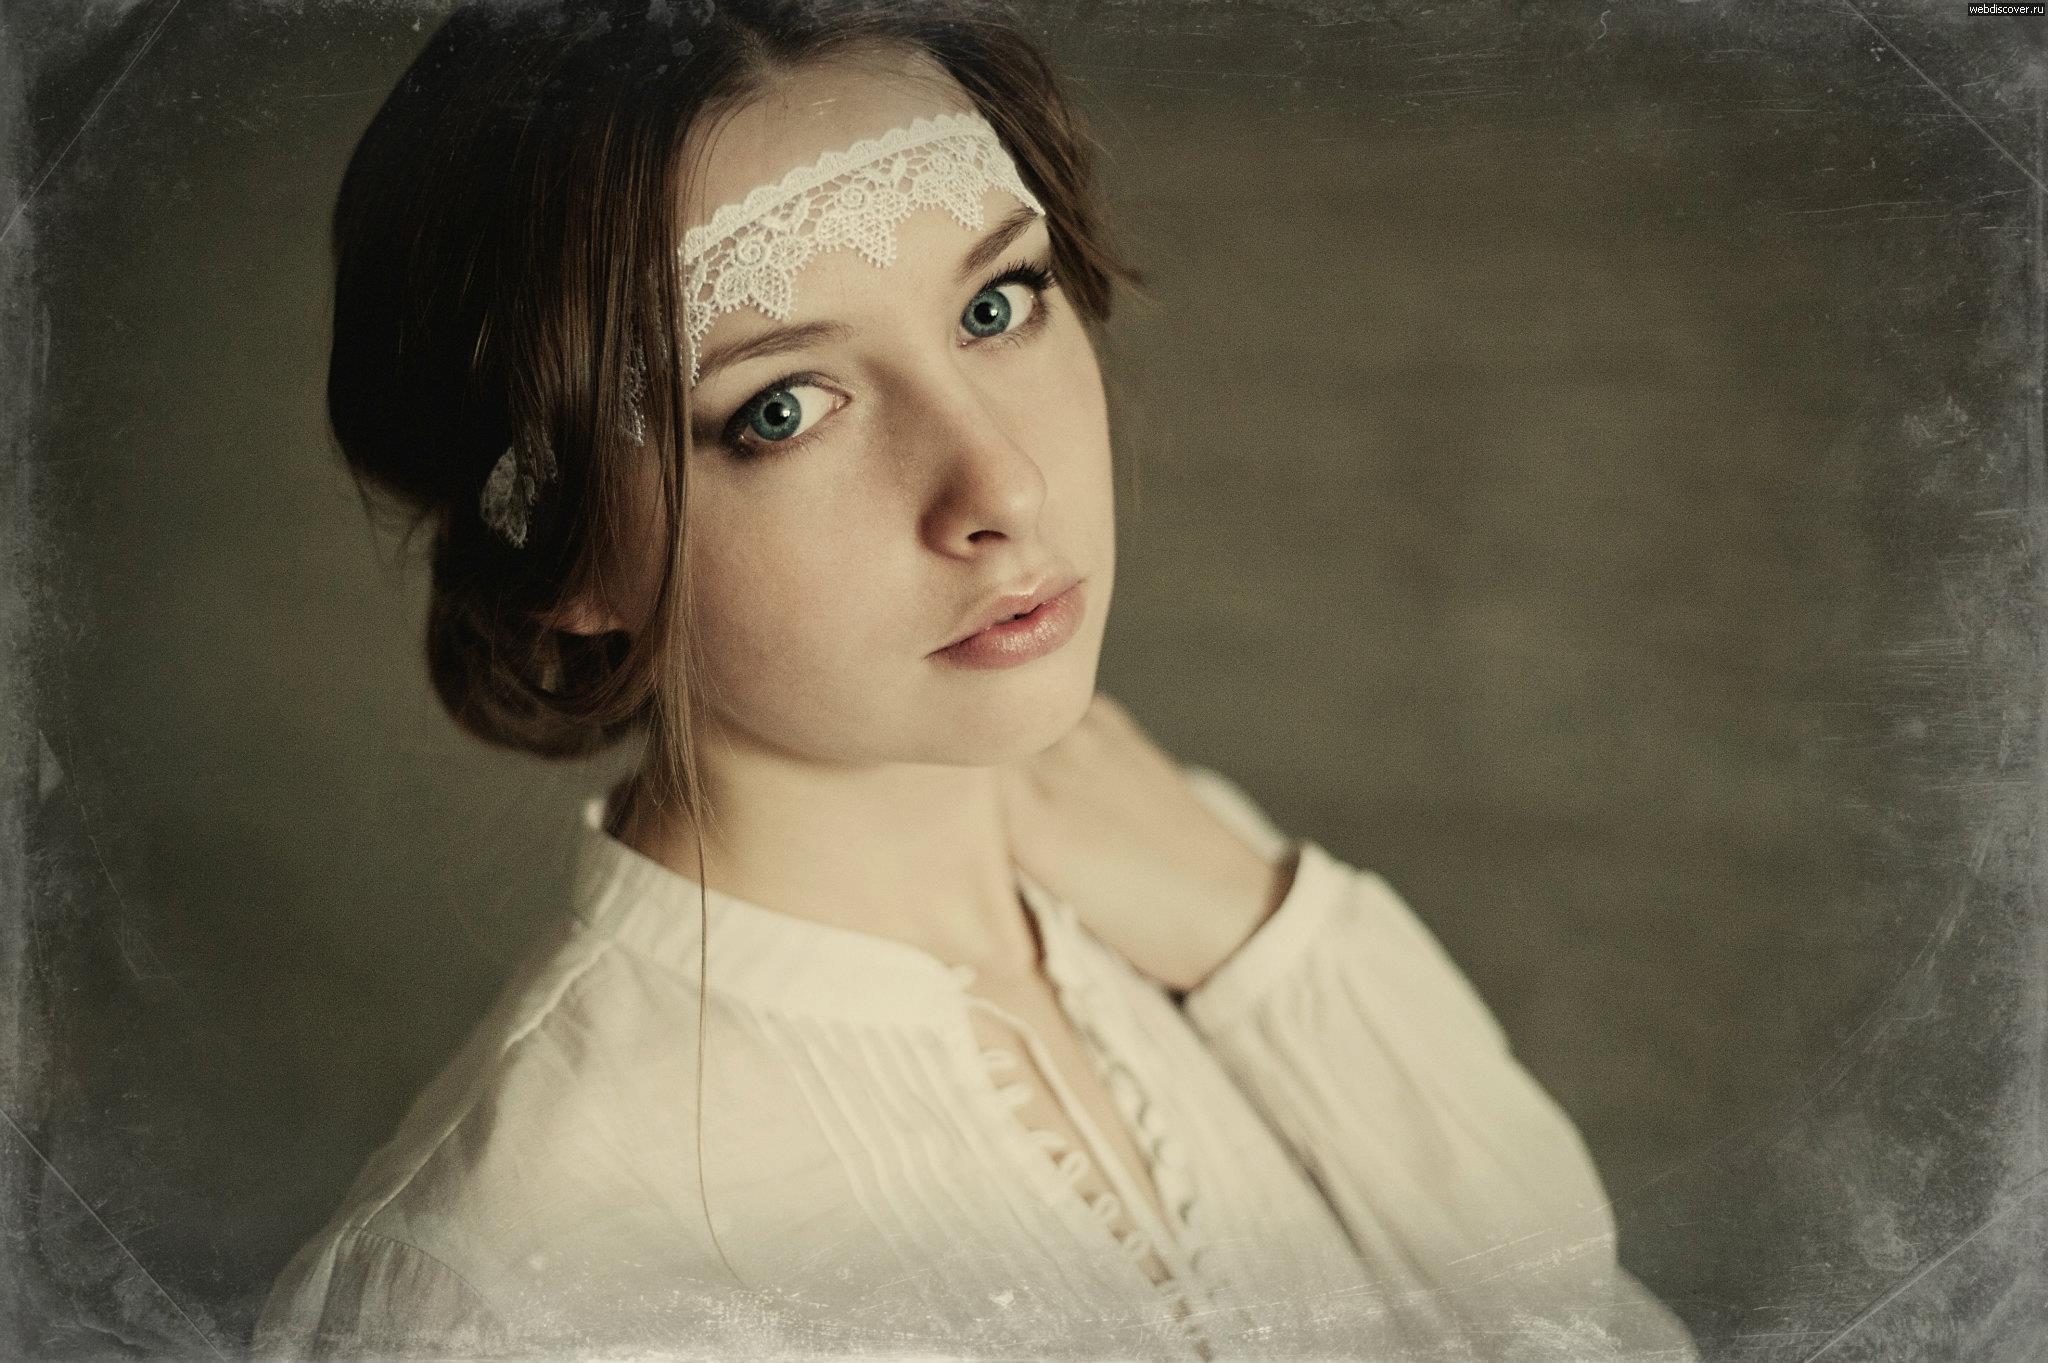 Простая русская девушка 15 фотография